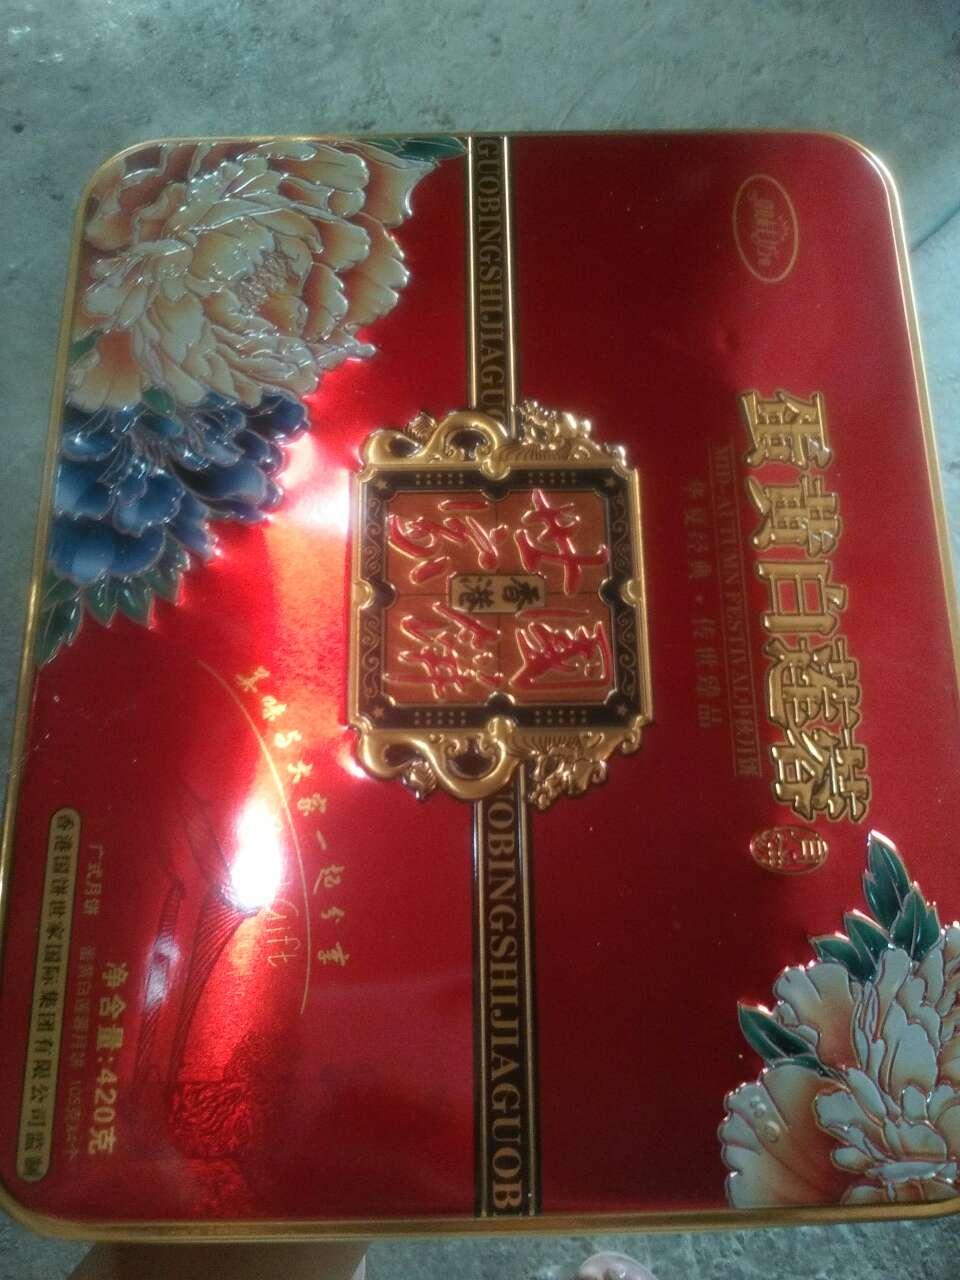 jordan oreo buy 00230738 replica